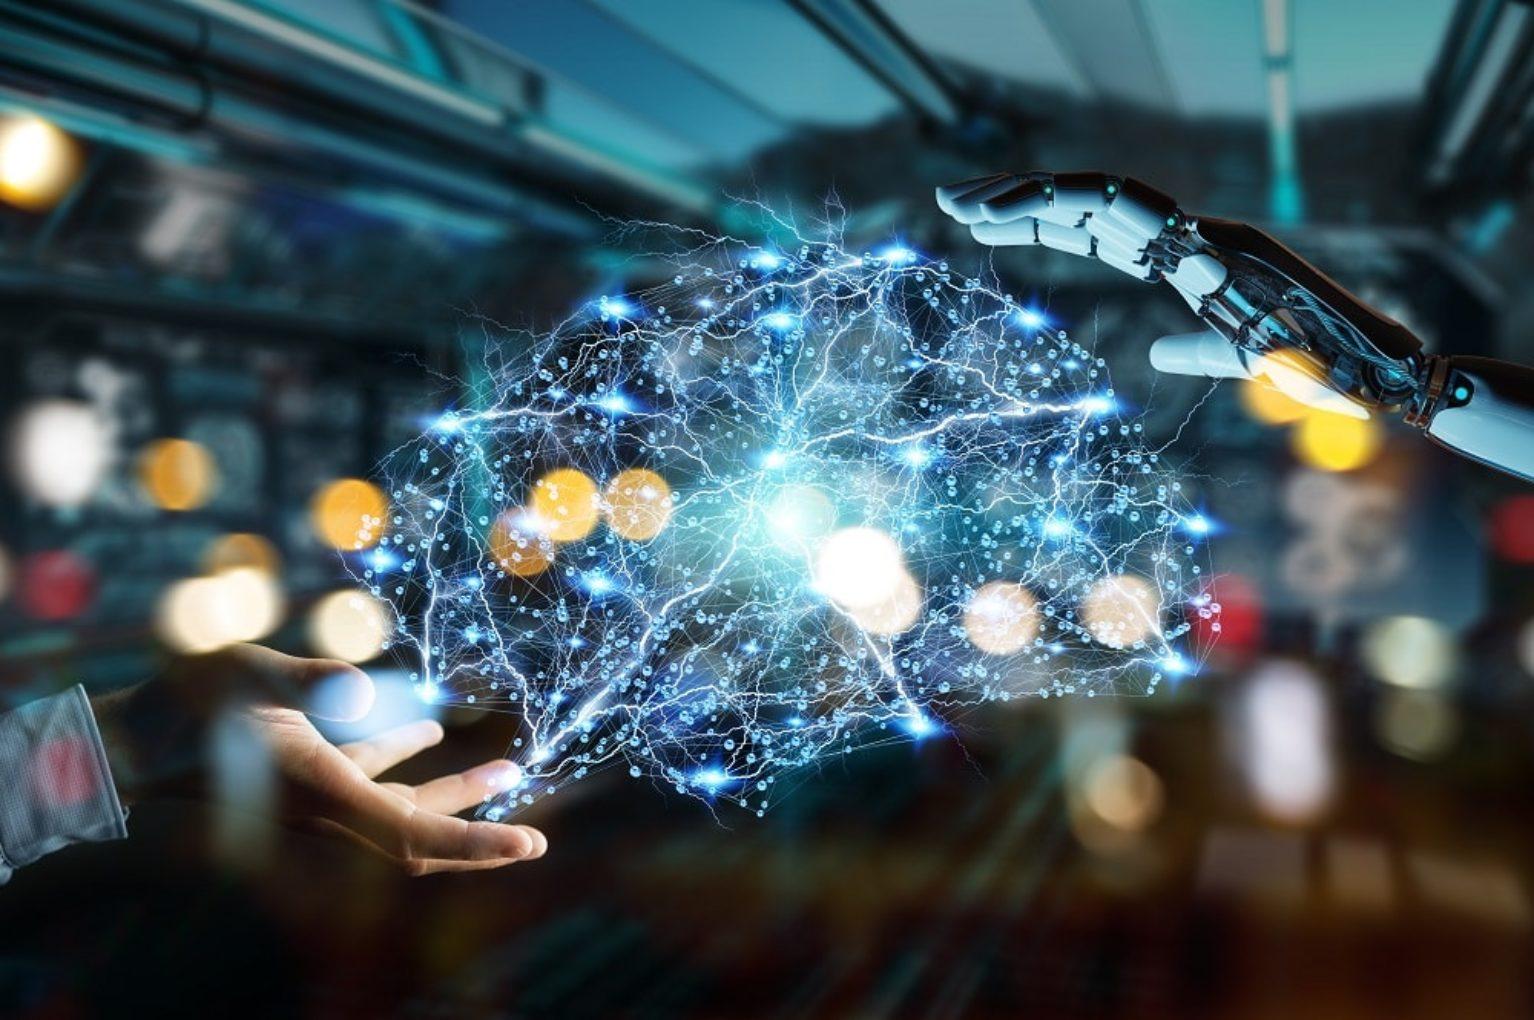 imagem de mão e robô se conectando inteligência artificial